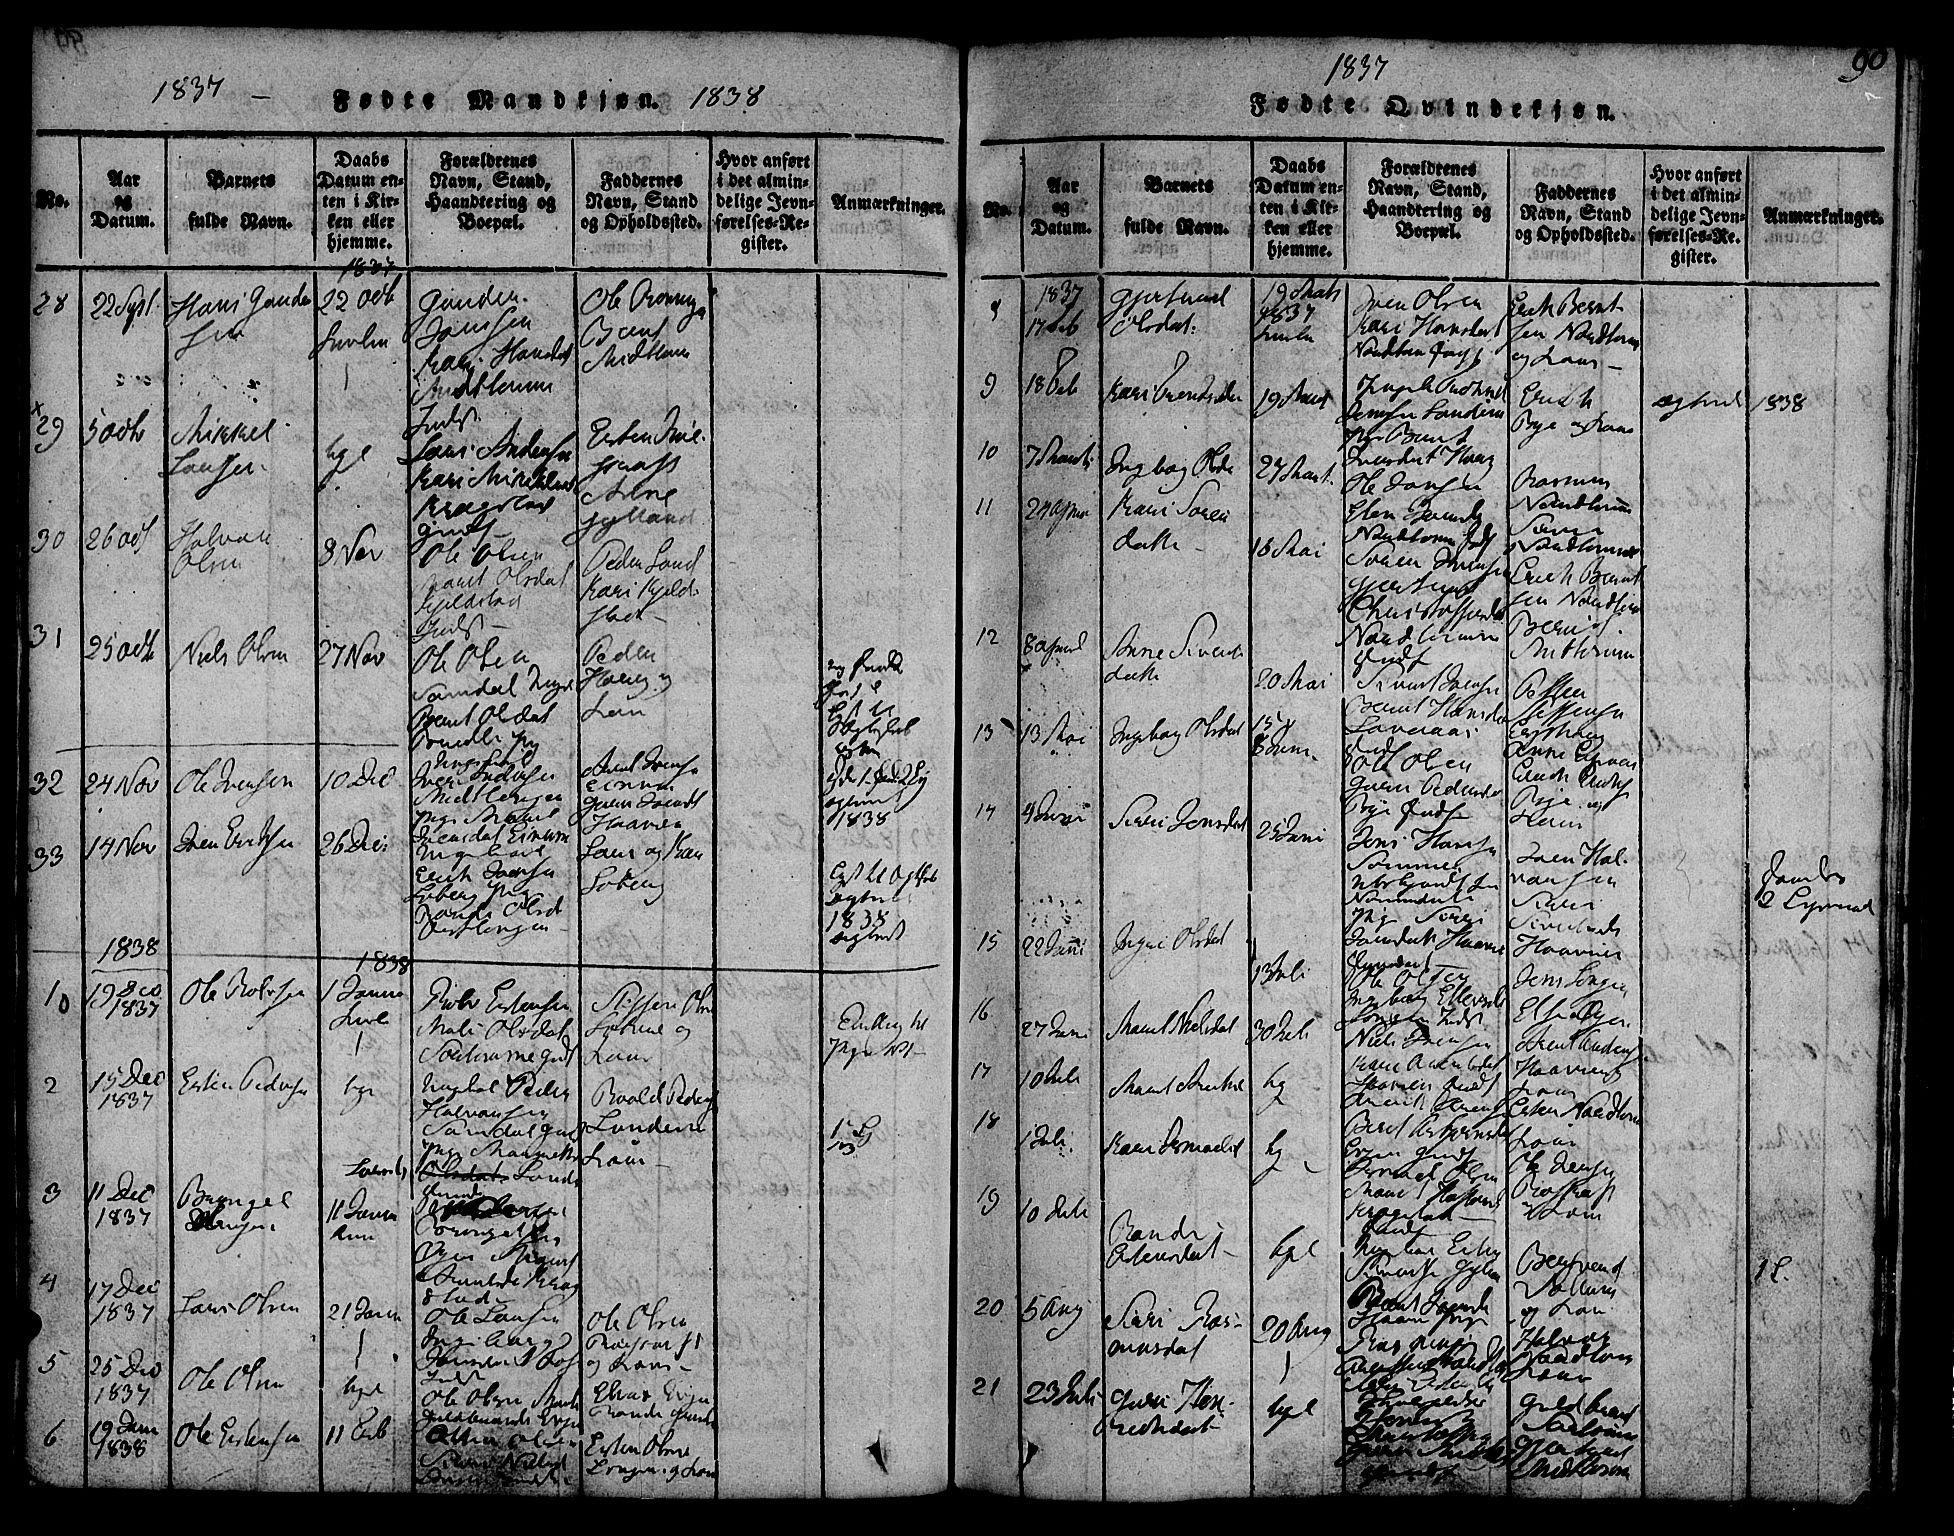 SAT, Ministerialprotokoller, klokkerbøker og fødselsregistre - Sør-Trøndelag, 692/L1102: Ministerialbok nr. 692A02, 1816-1842, s. 90